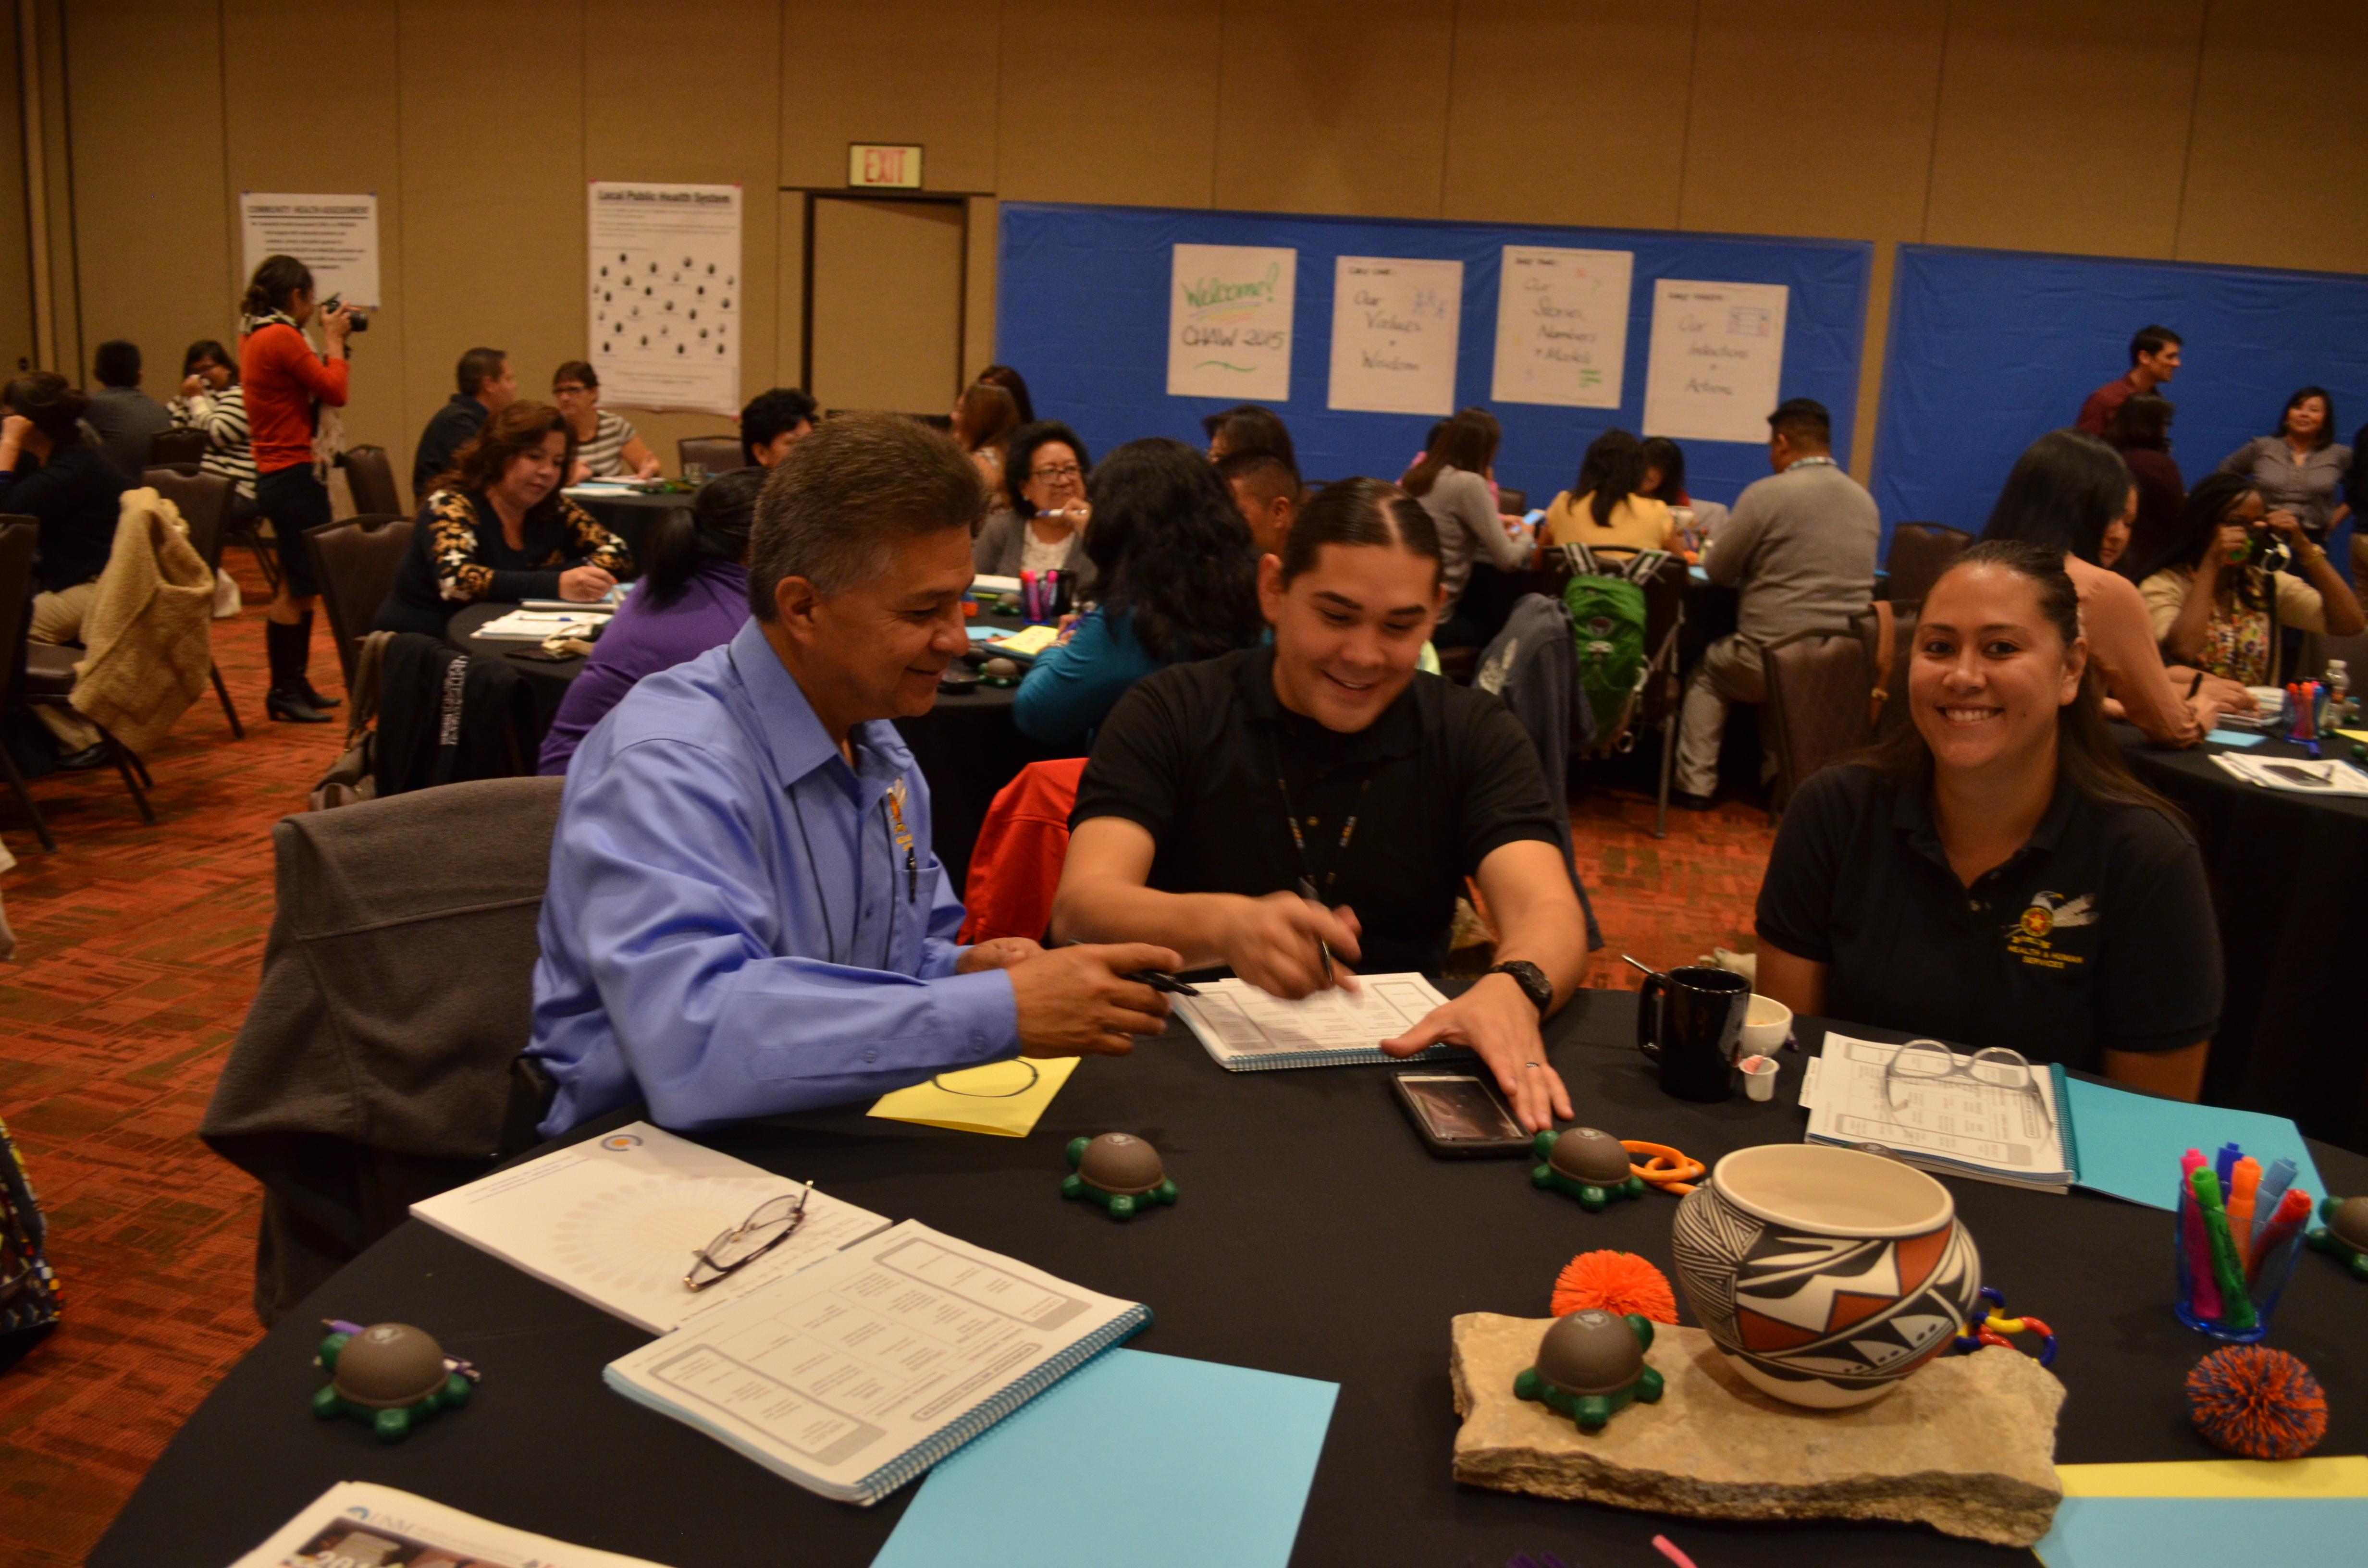 Grupo de trabajo en la mesa.